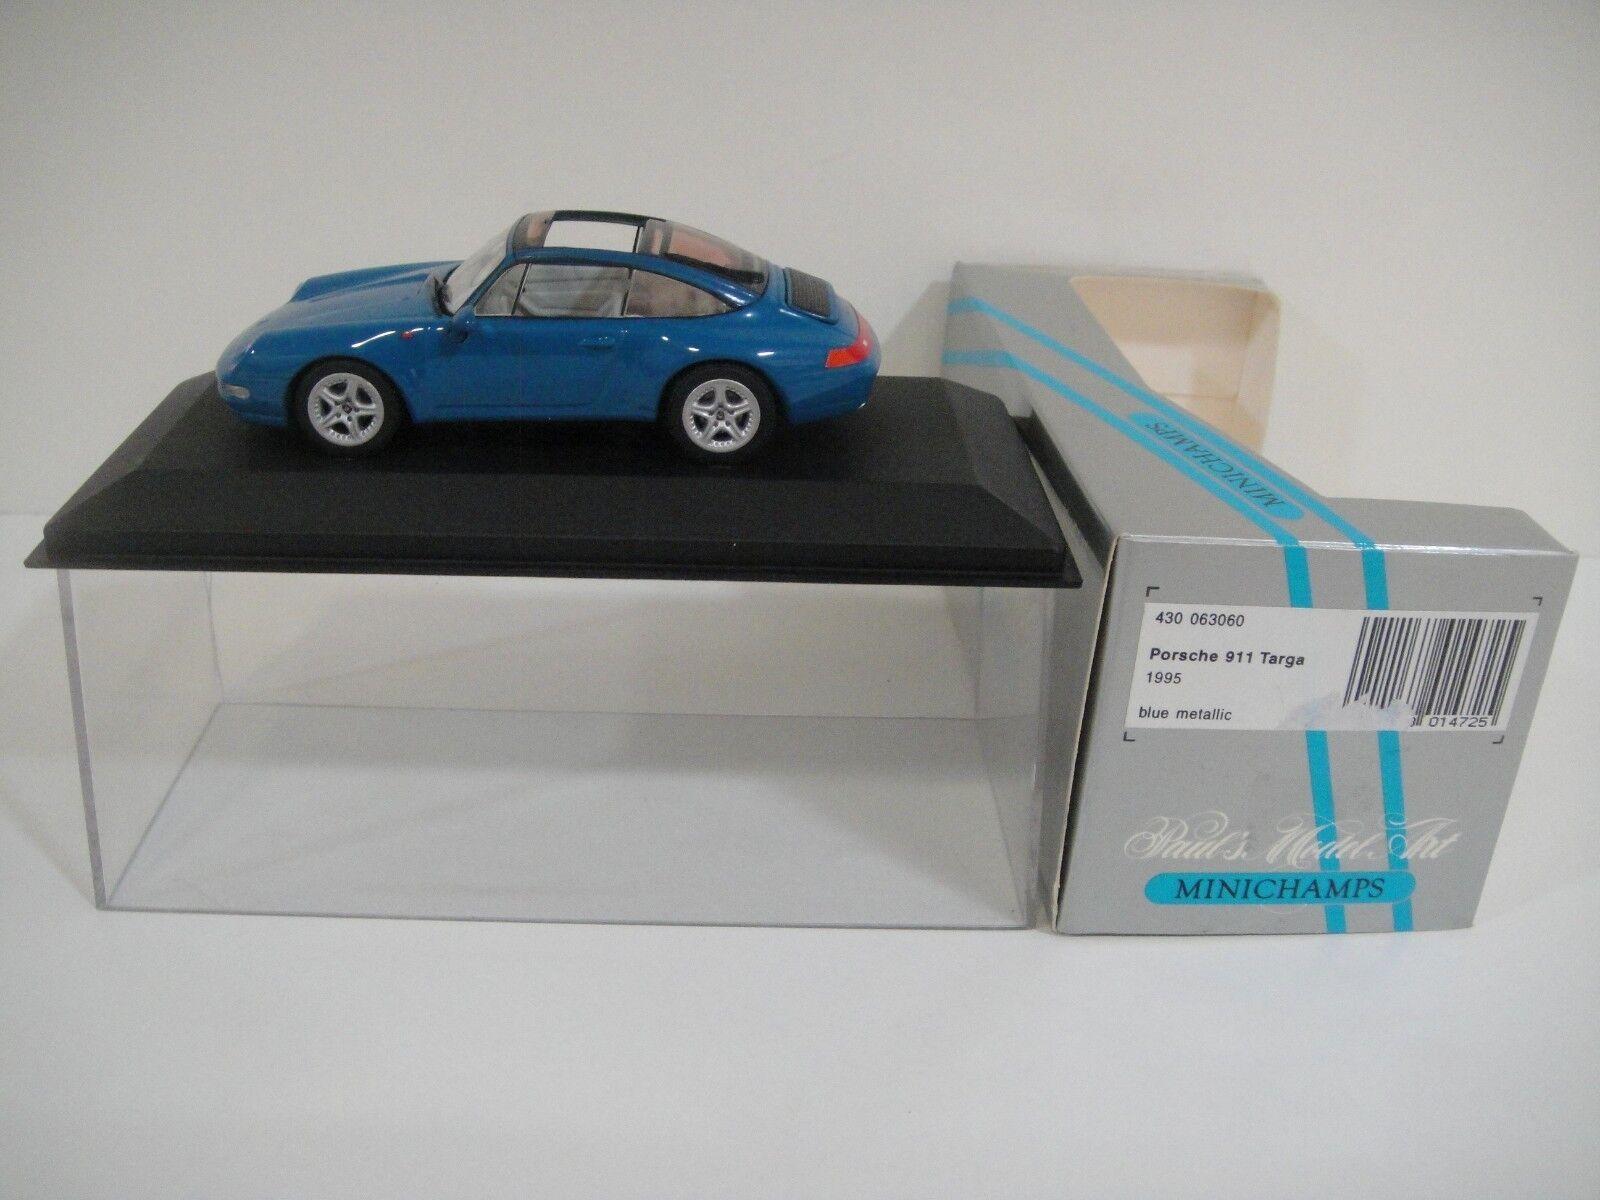 Precio por piso --1 43 MINICHAMPS. PORSCHE 911 TARGA 1995 azul Metallic. Metallic. Metallic.  alta calidad general